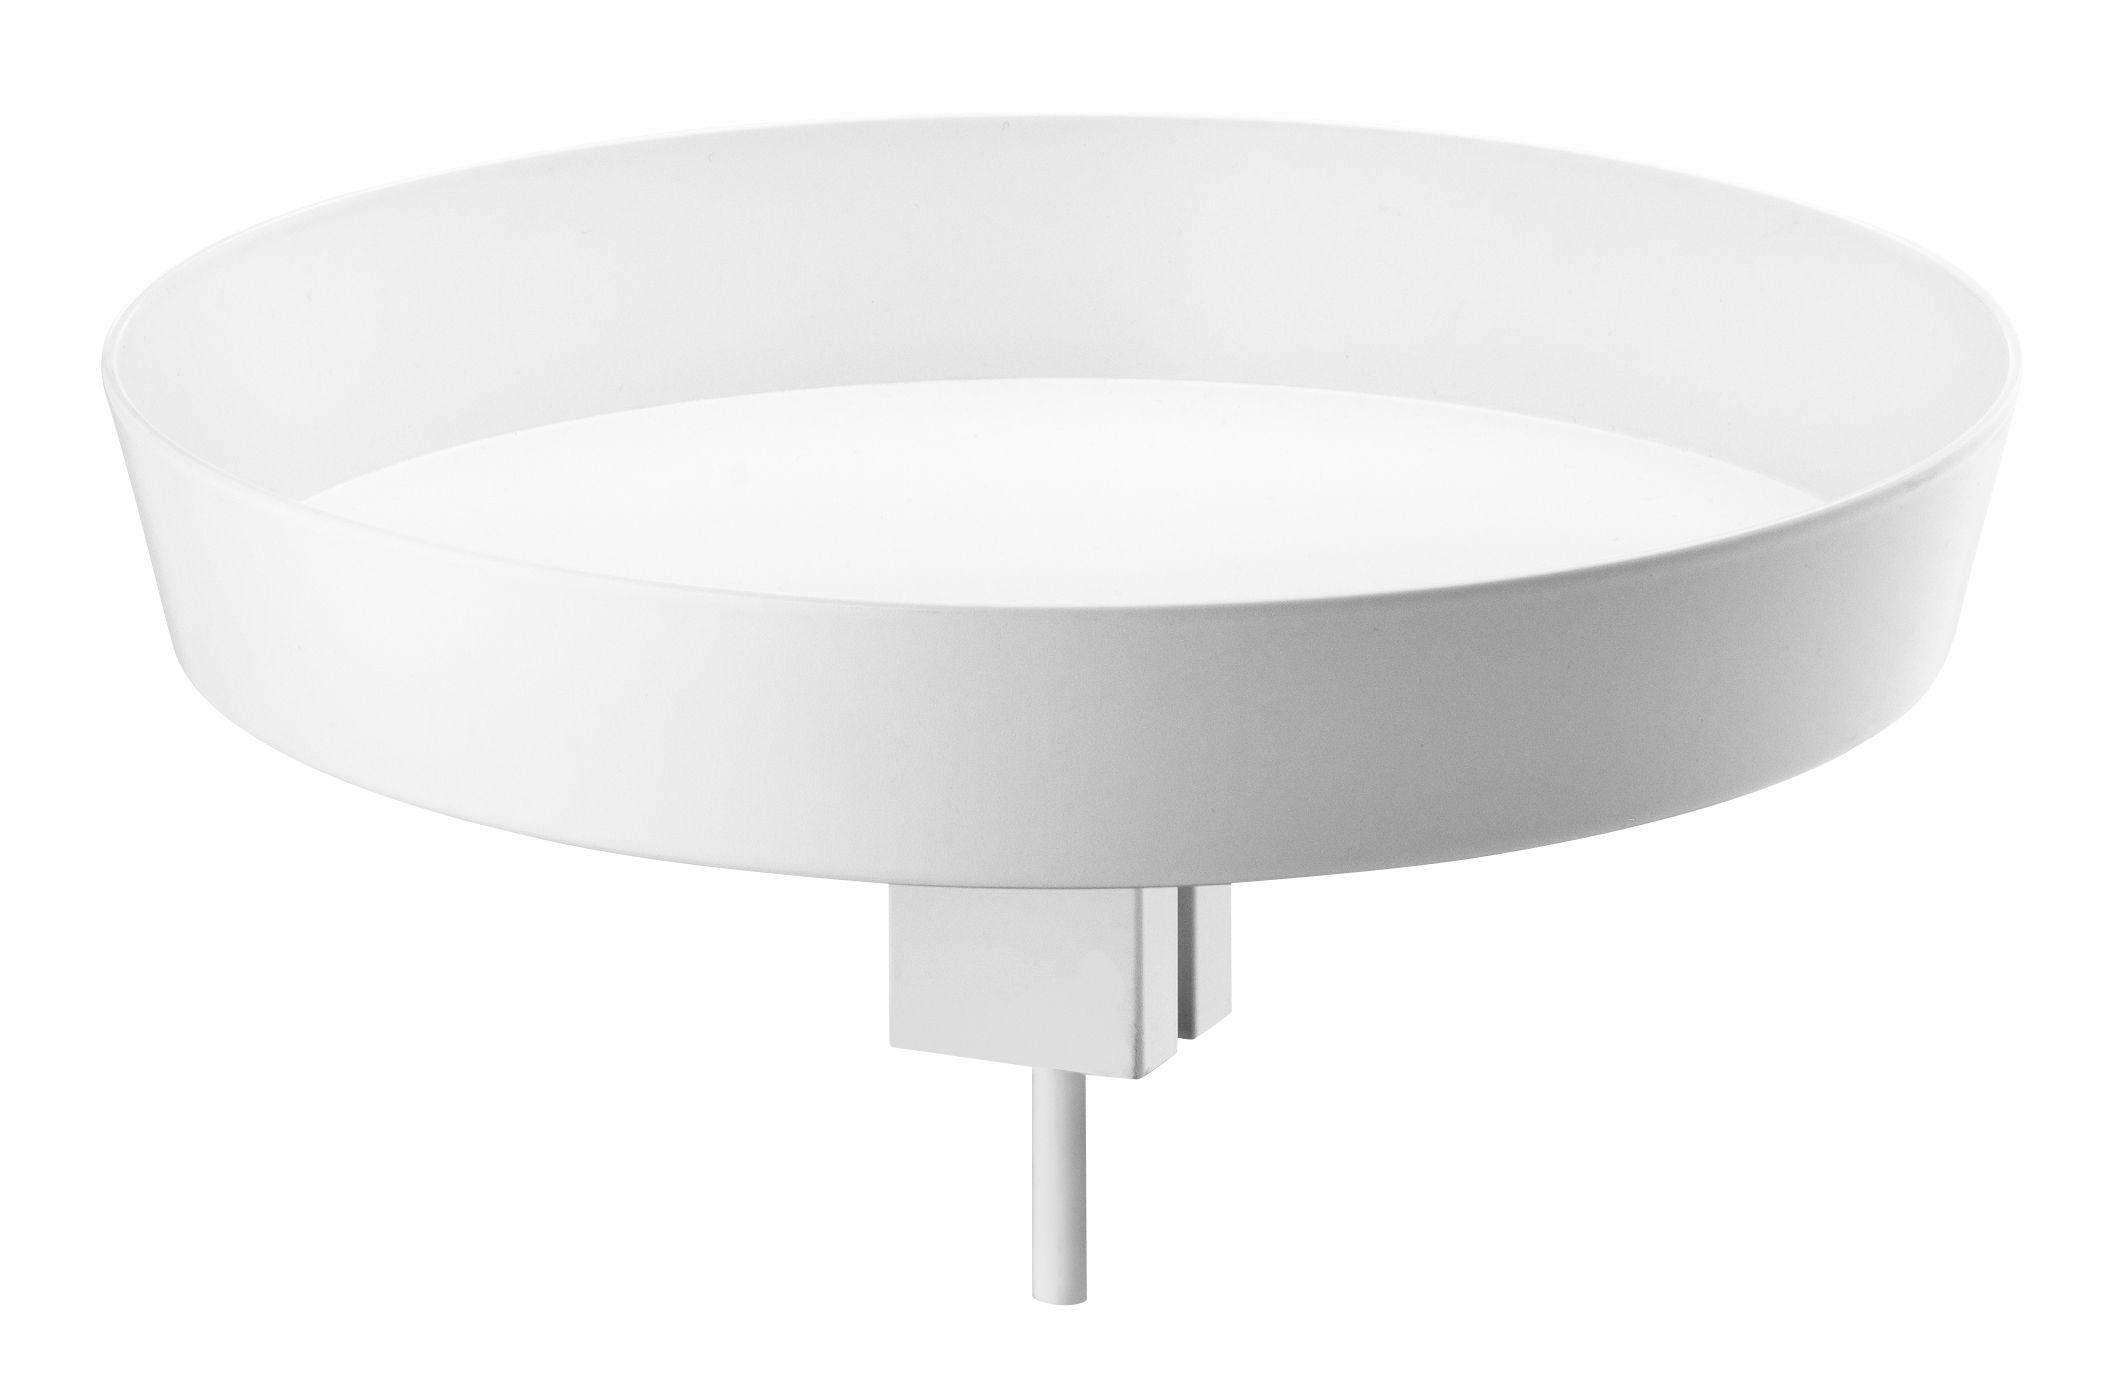 Arredamento - Raccoglitori - Svuotatasche String Works - / Per mobiletto di String Furniture - Bianco - Acciaio laccato